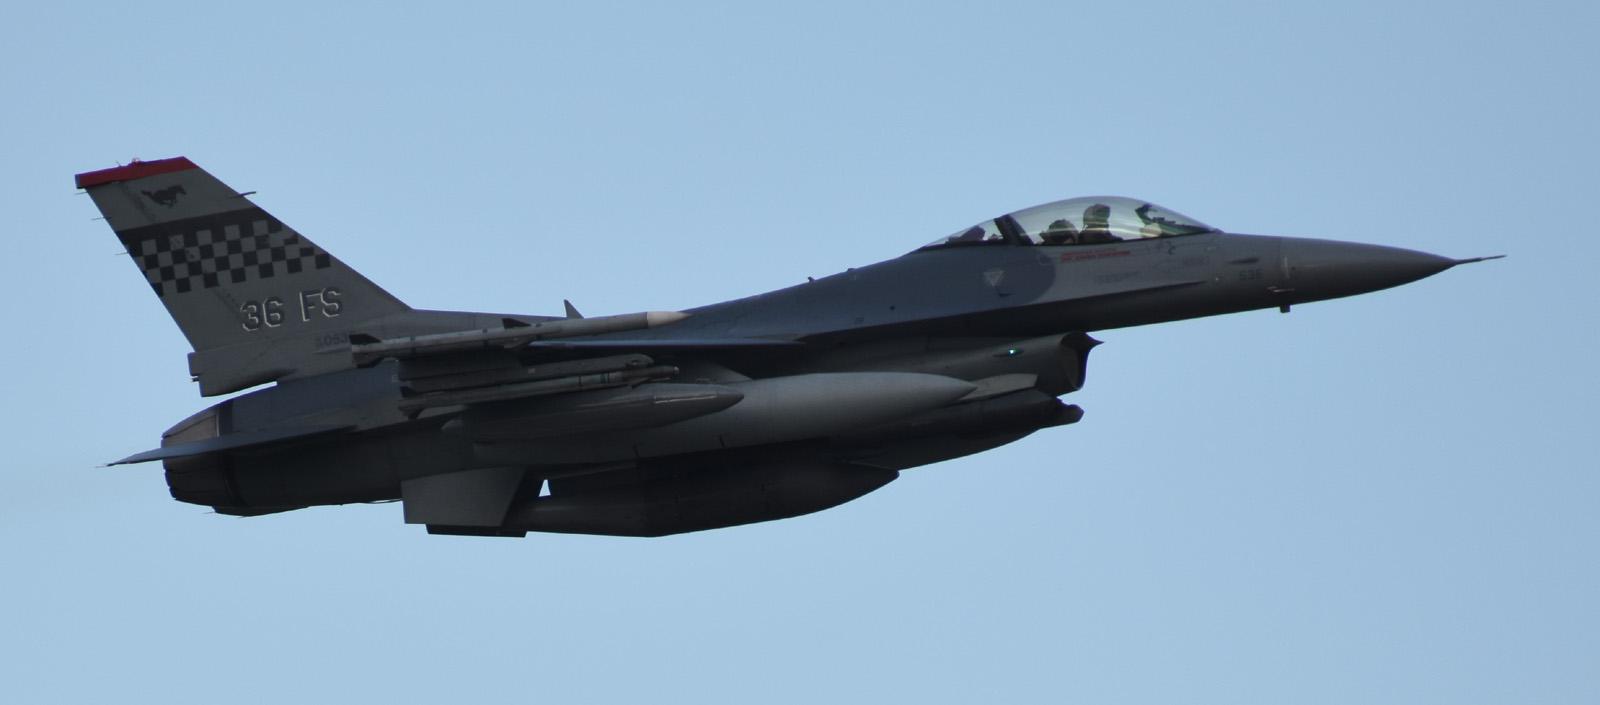 F16cm170604g237